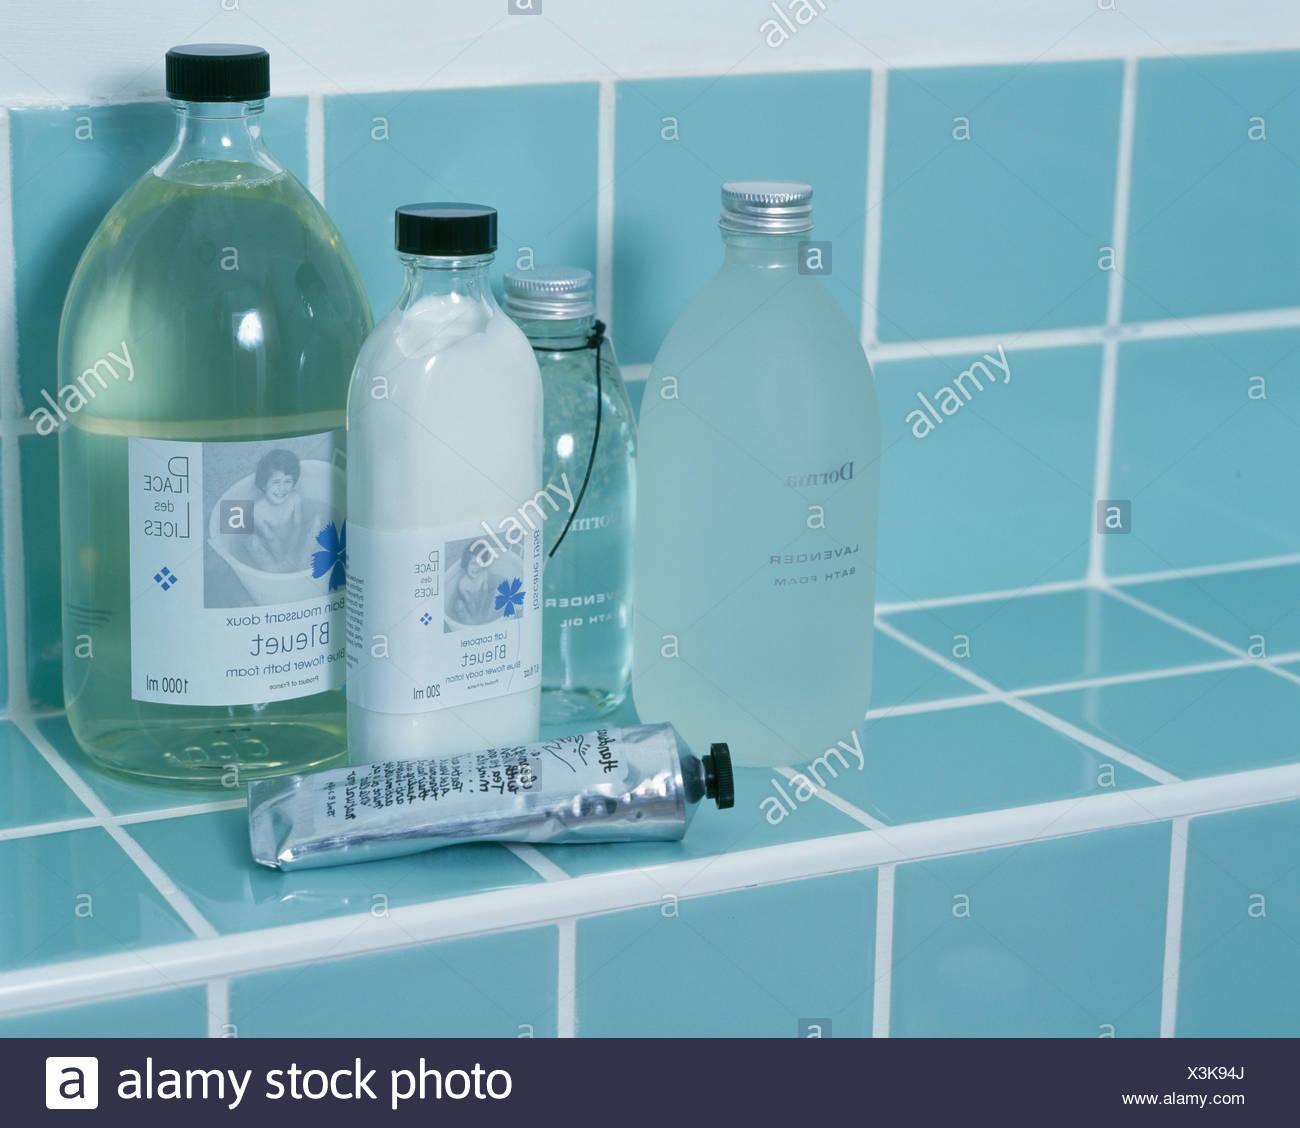 Bathroom Shelf Stock Photos & Bathroom Shelf Stock Images - Alamy